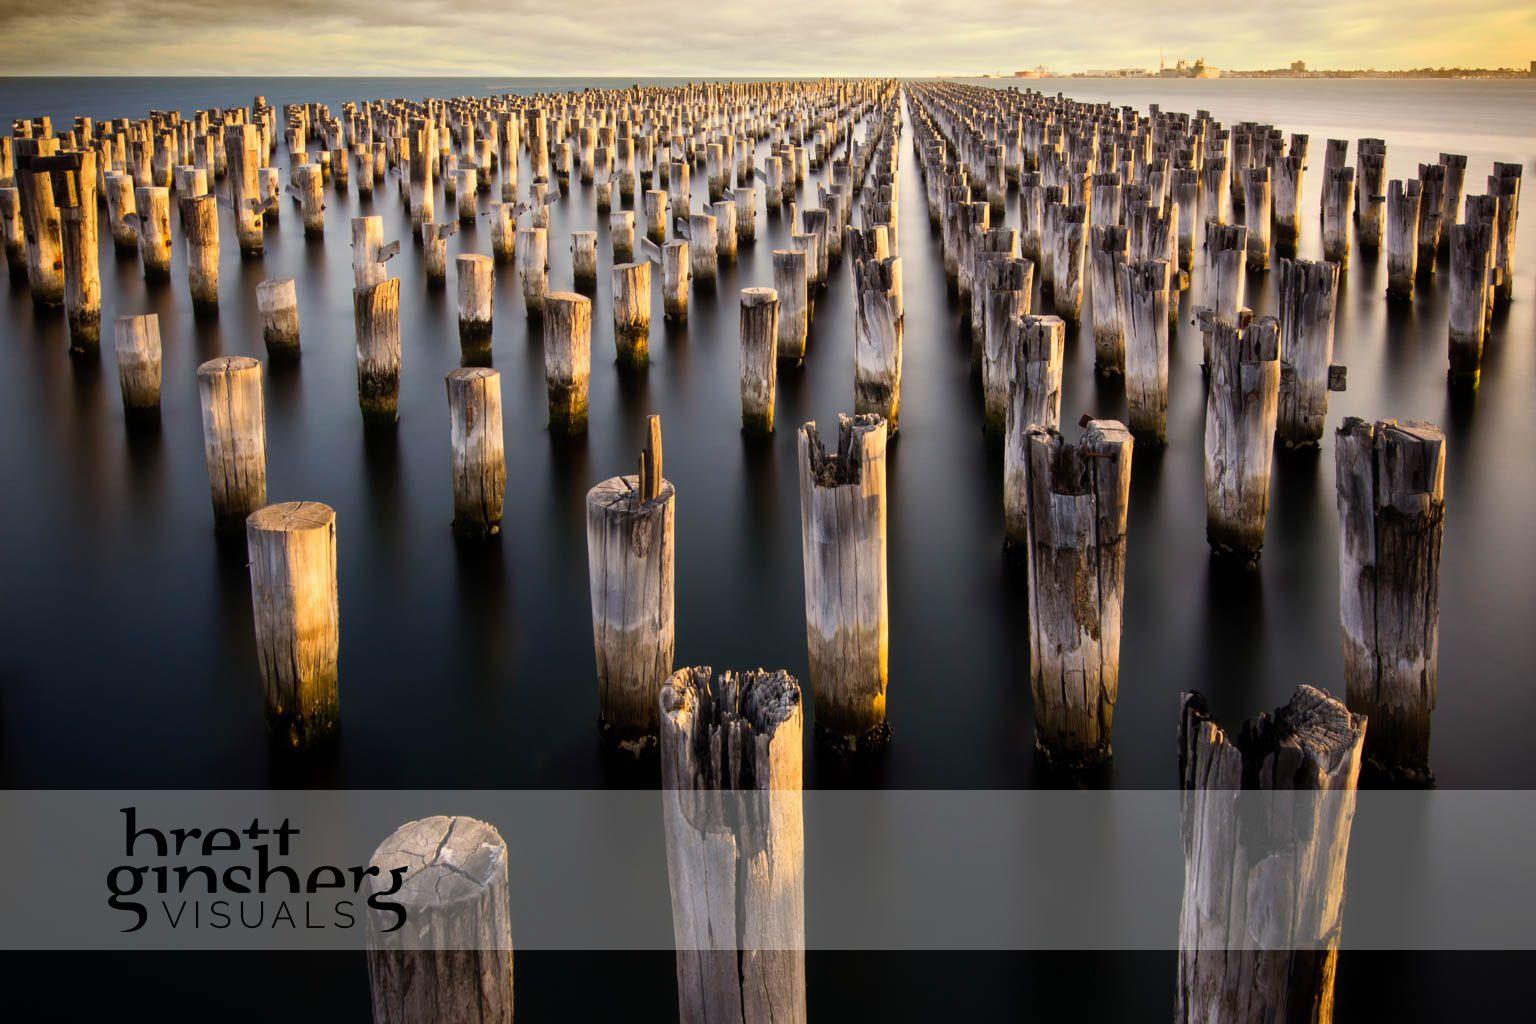 port melbourne pier at sun set